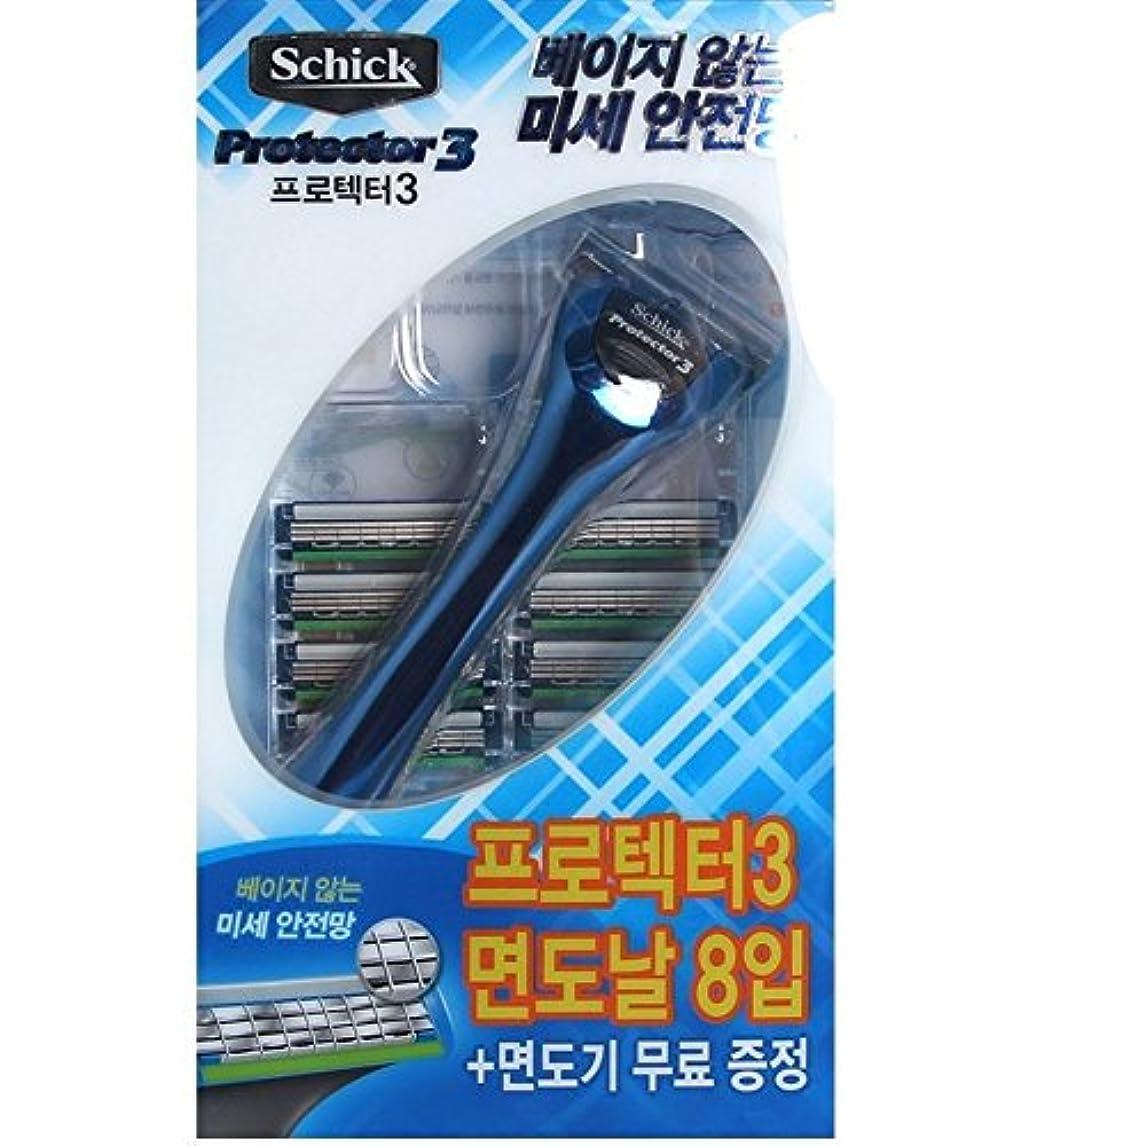 鋼バインド傷跡Schick Protector3 1レイザー+9カートリッジリフィルブレイド [並行輸入品]